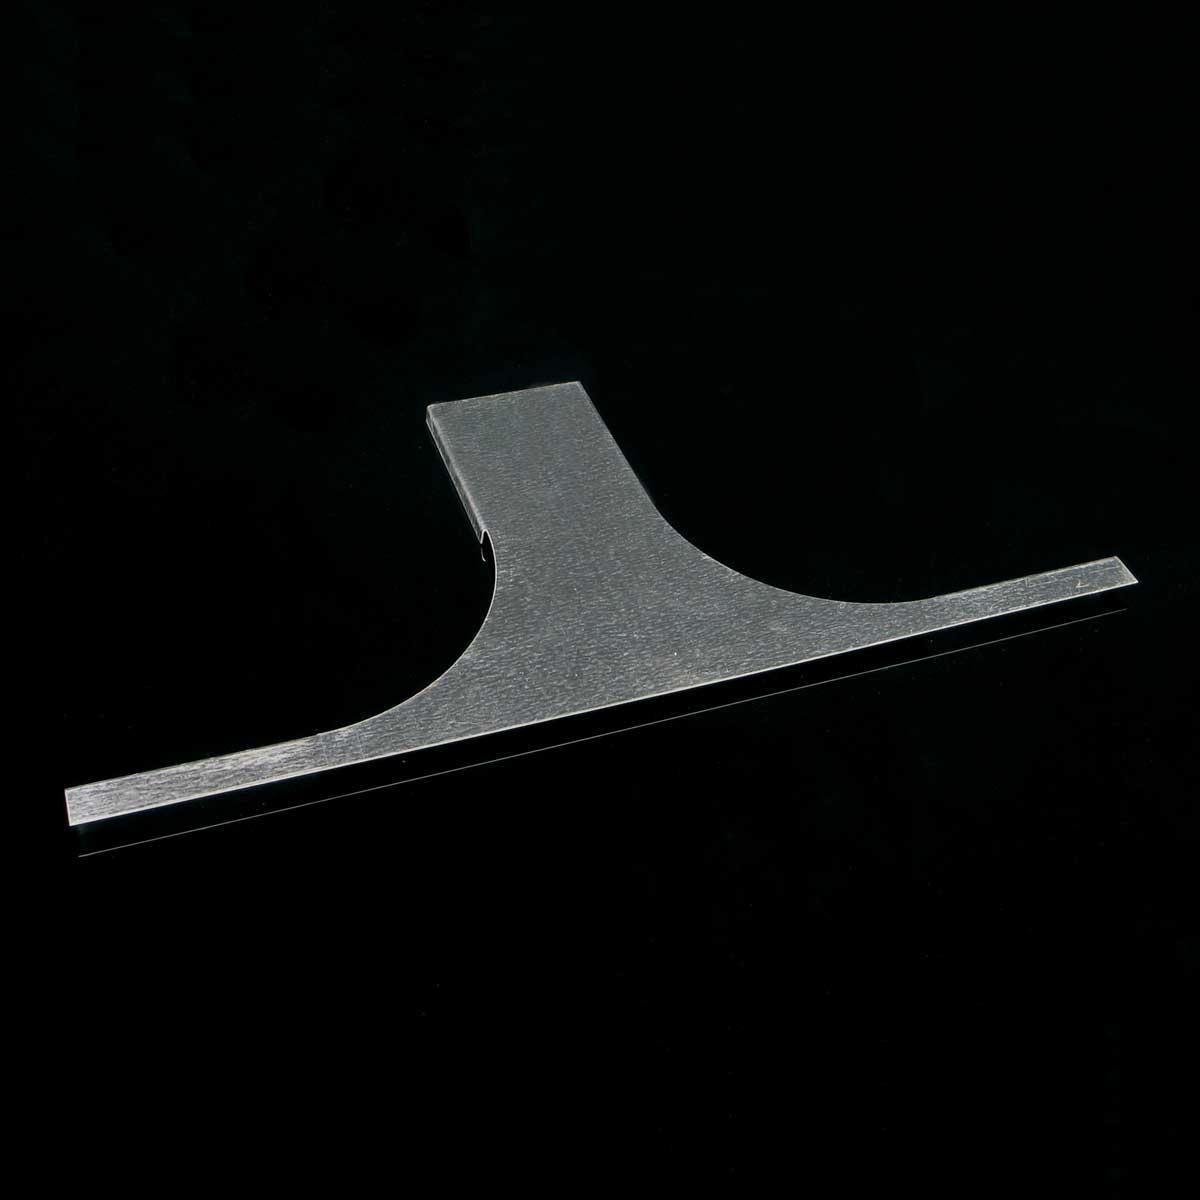 Кришка горизонтального відгалуження для лотка JUPITER; розміри-12x150x553mm Товщ. метал-0,6 Вага-0,23кг/м